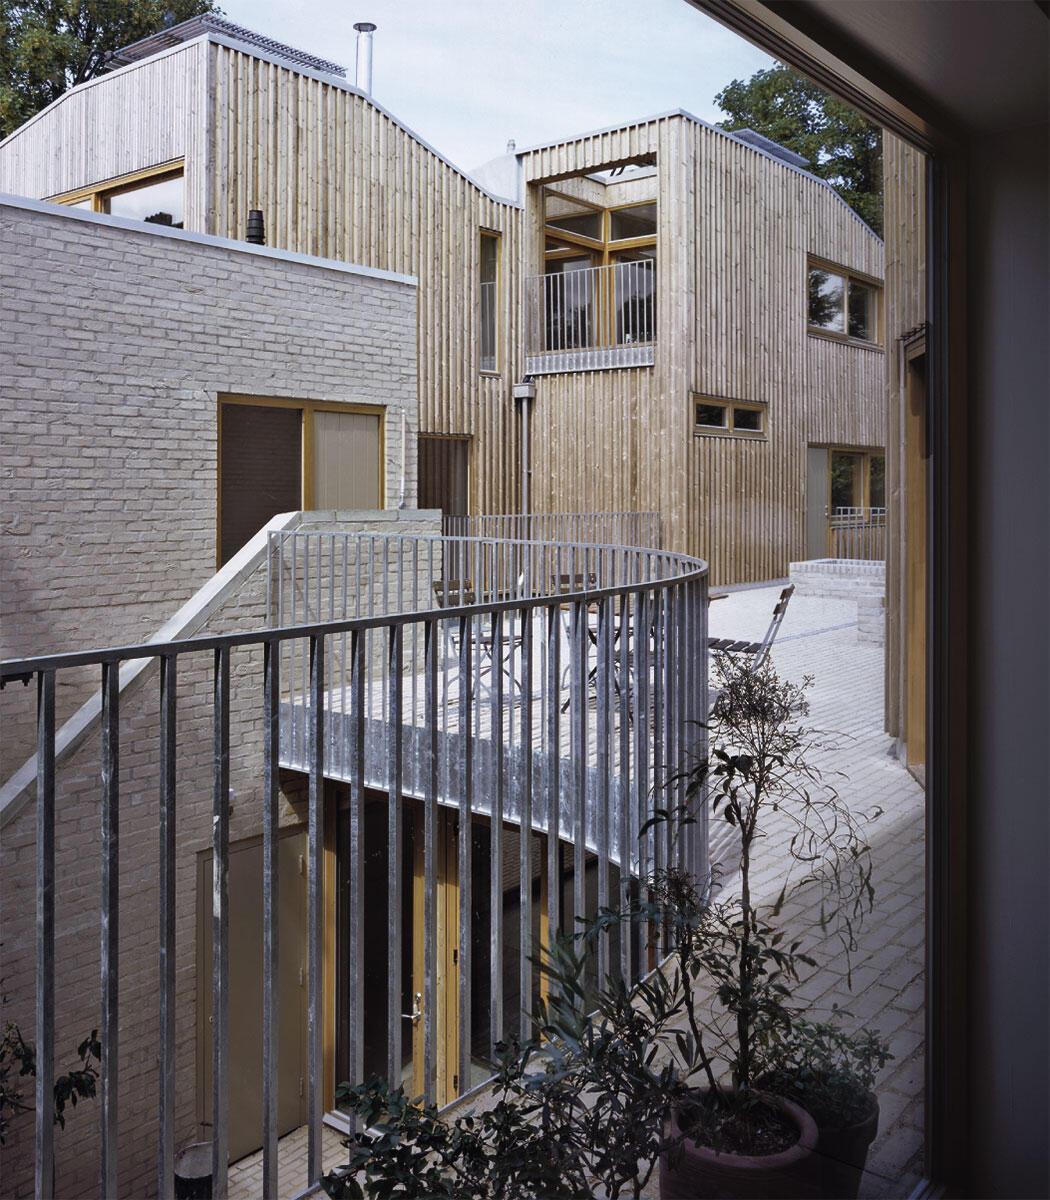 Sechs Wohnhäuser gruppieren sich um einen gemeinsamen Hof: Für Londoner Verhältnisse kann das allein schon fast als Sensation bezeichnet werden.